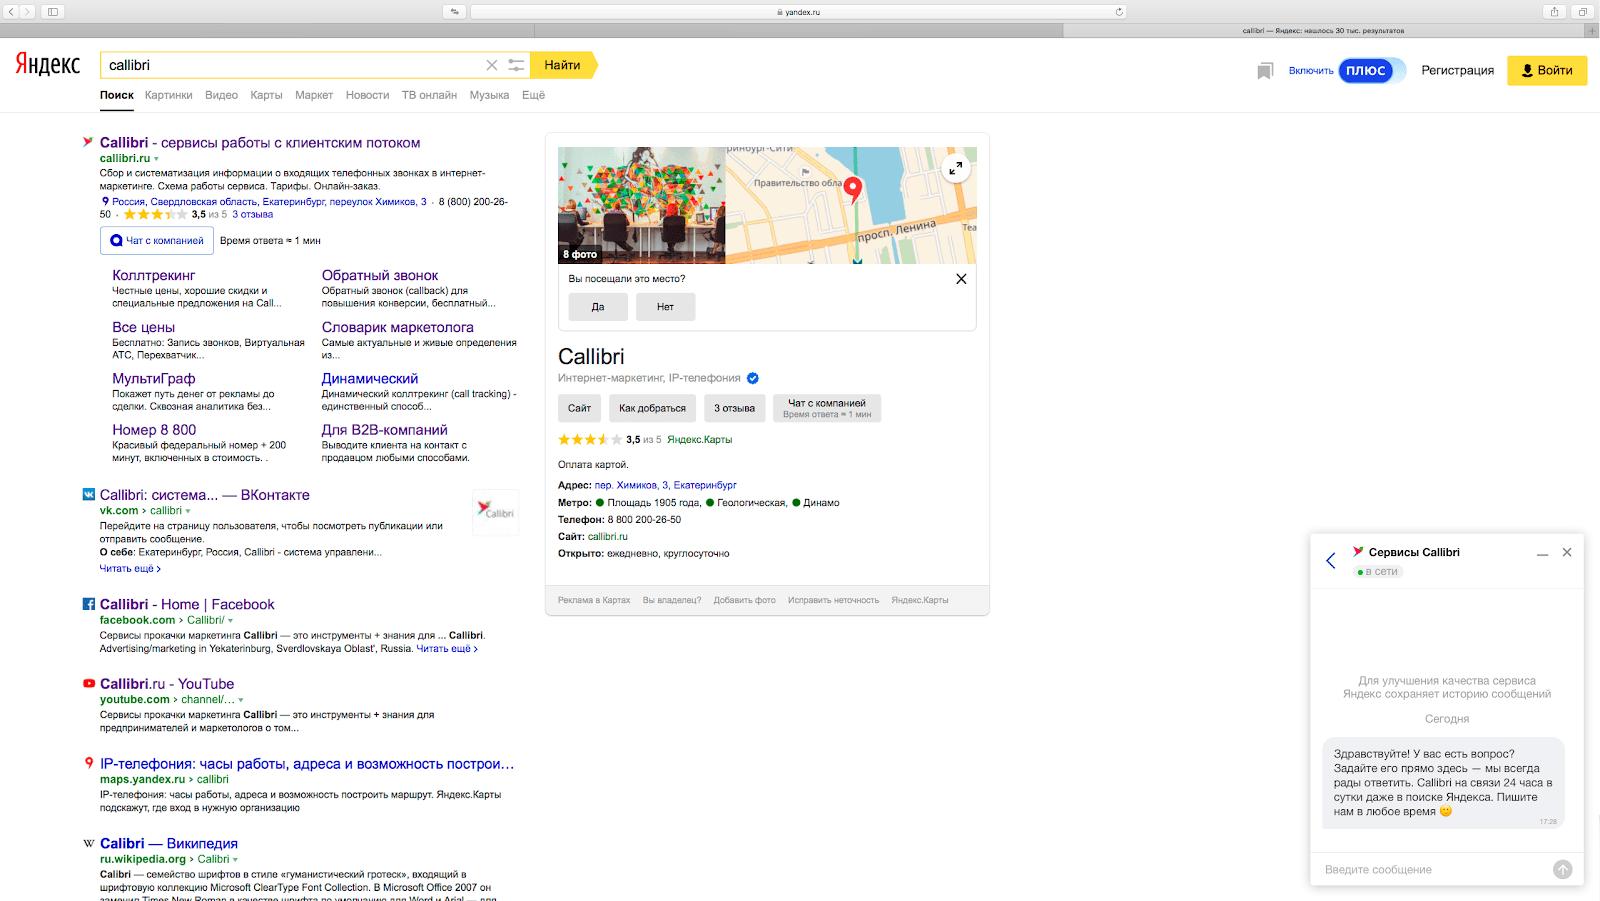 Диалоги - это чат Яндекса, который показывается прямо в поисковом окне